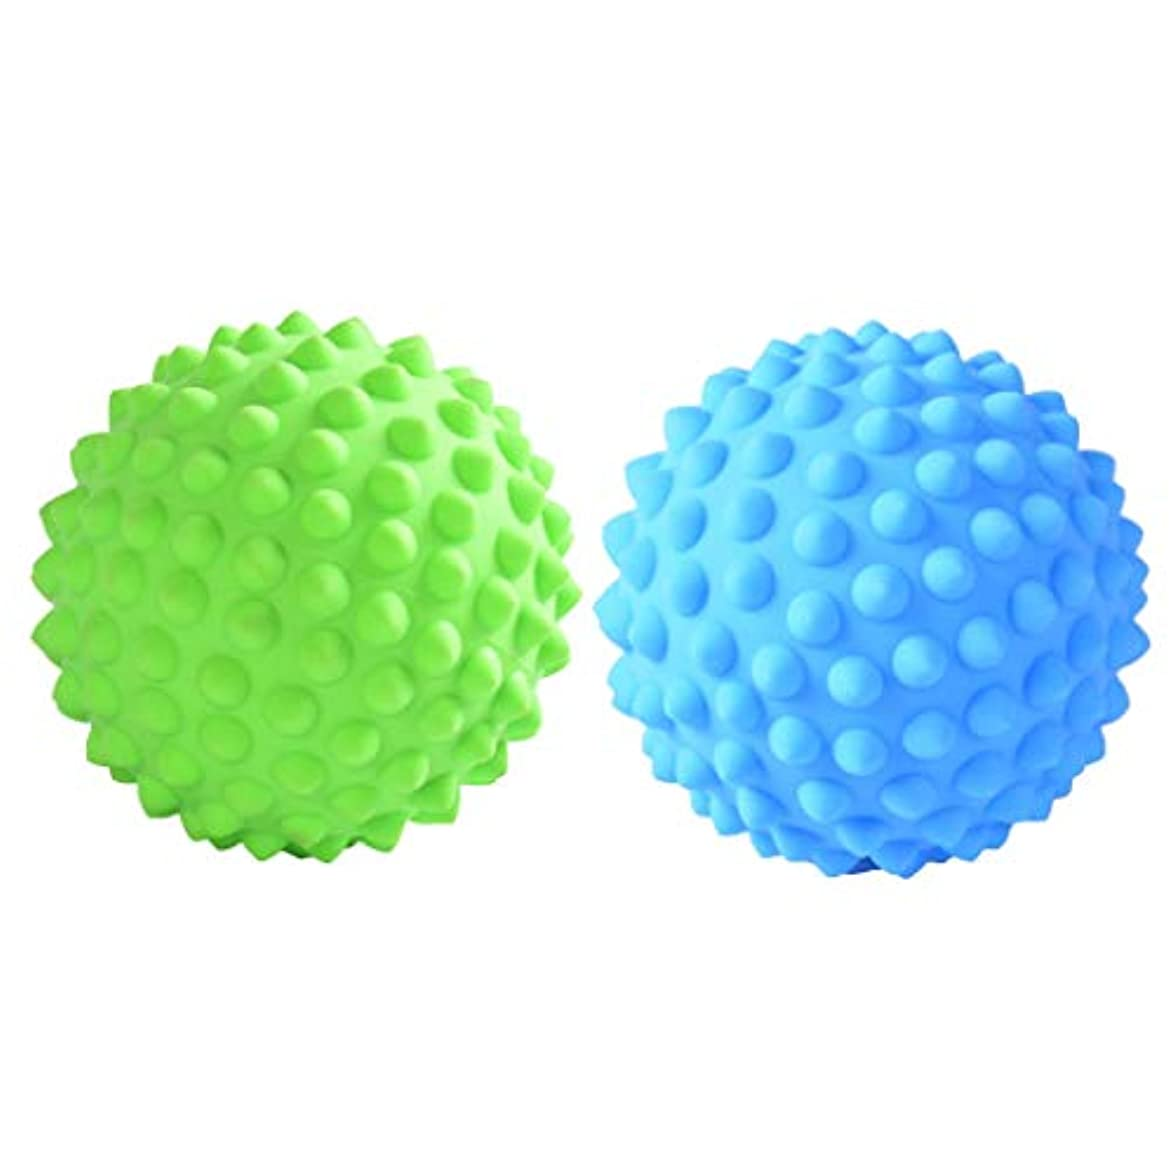 マンハッタン後悔植物学chiwanji マッサージローラーボール 指圧ボール トリガーポイント 疲れ解消ボール ヨガ 疲労軽減 2個入